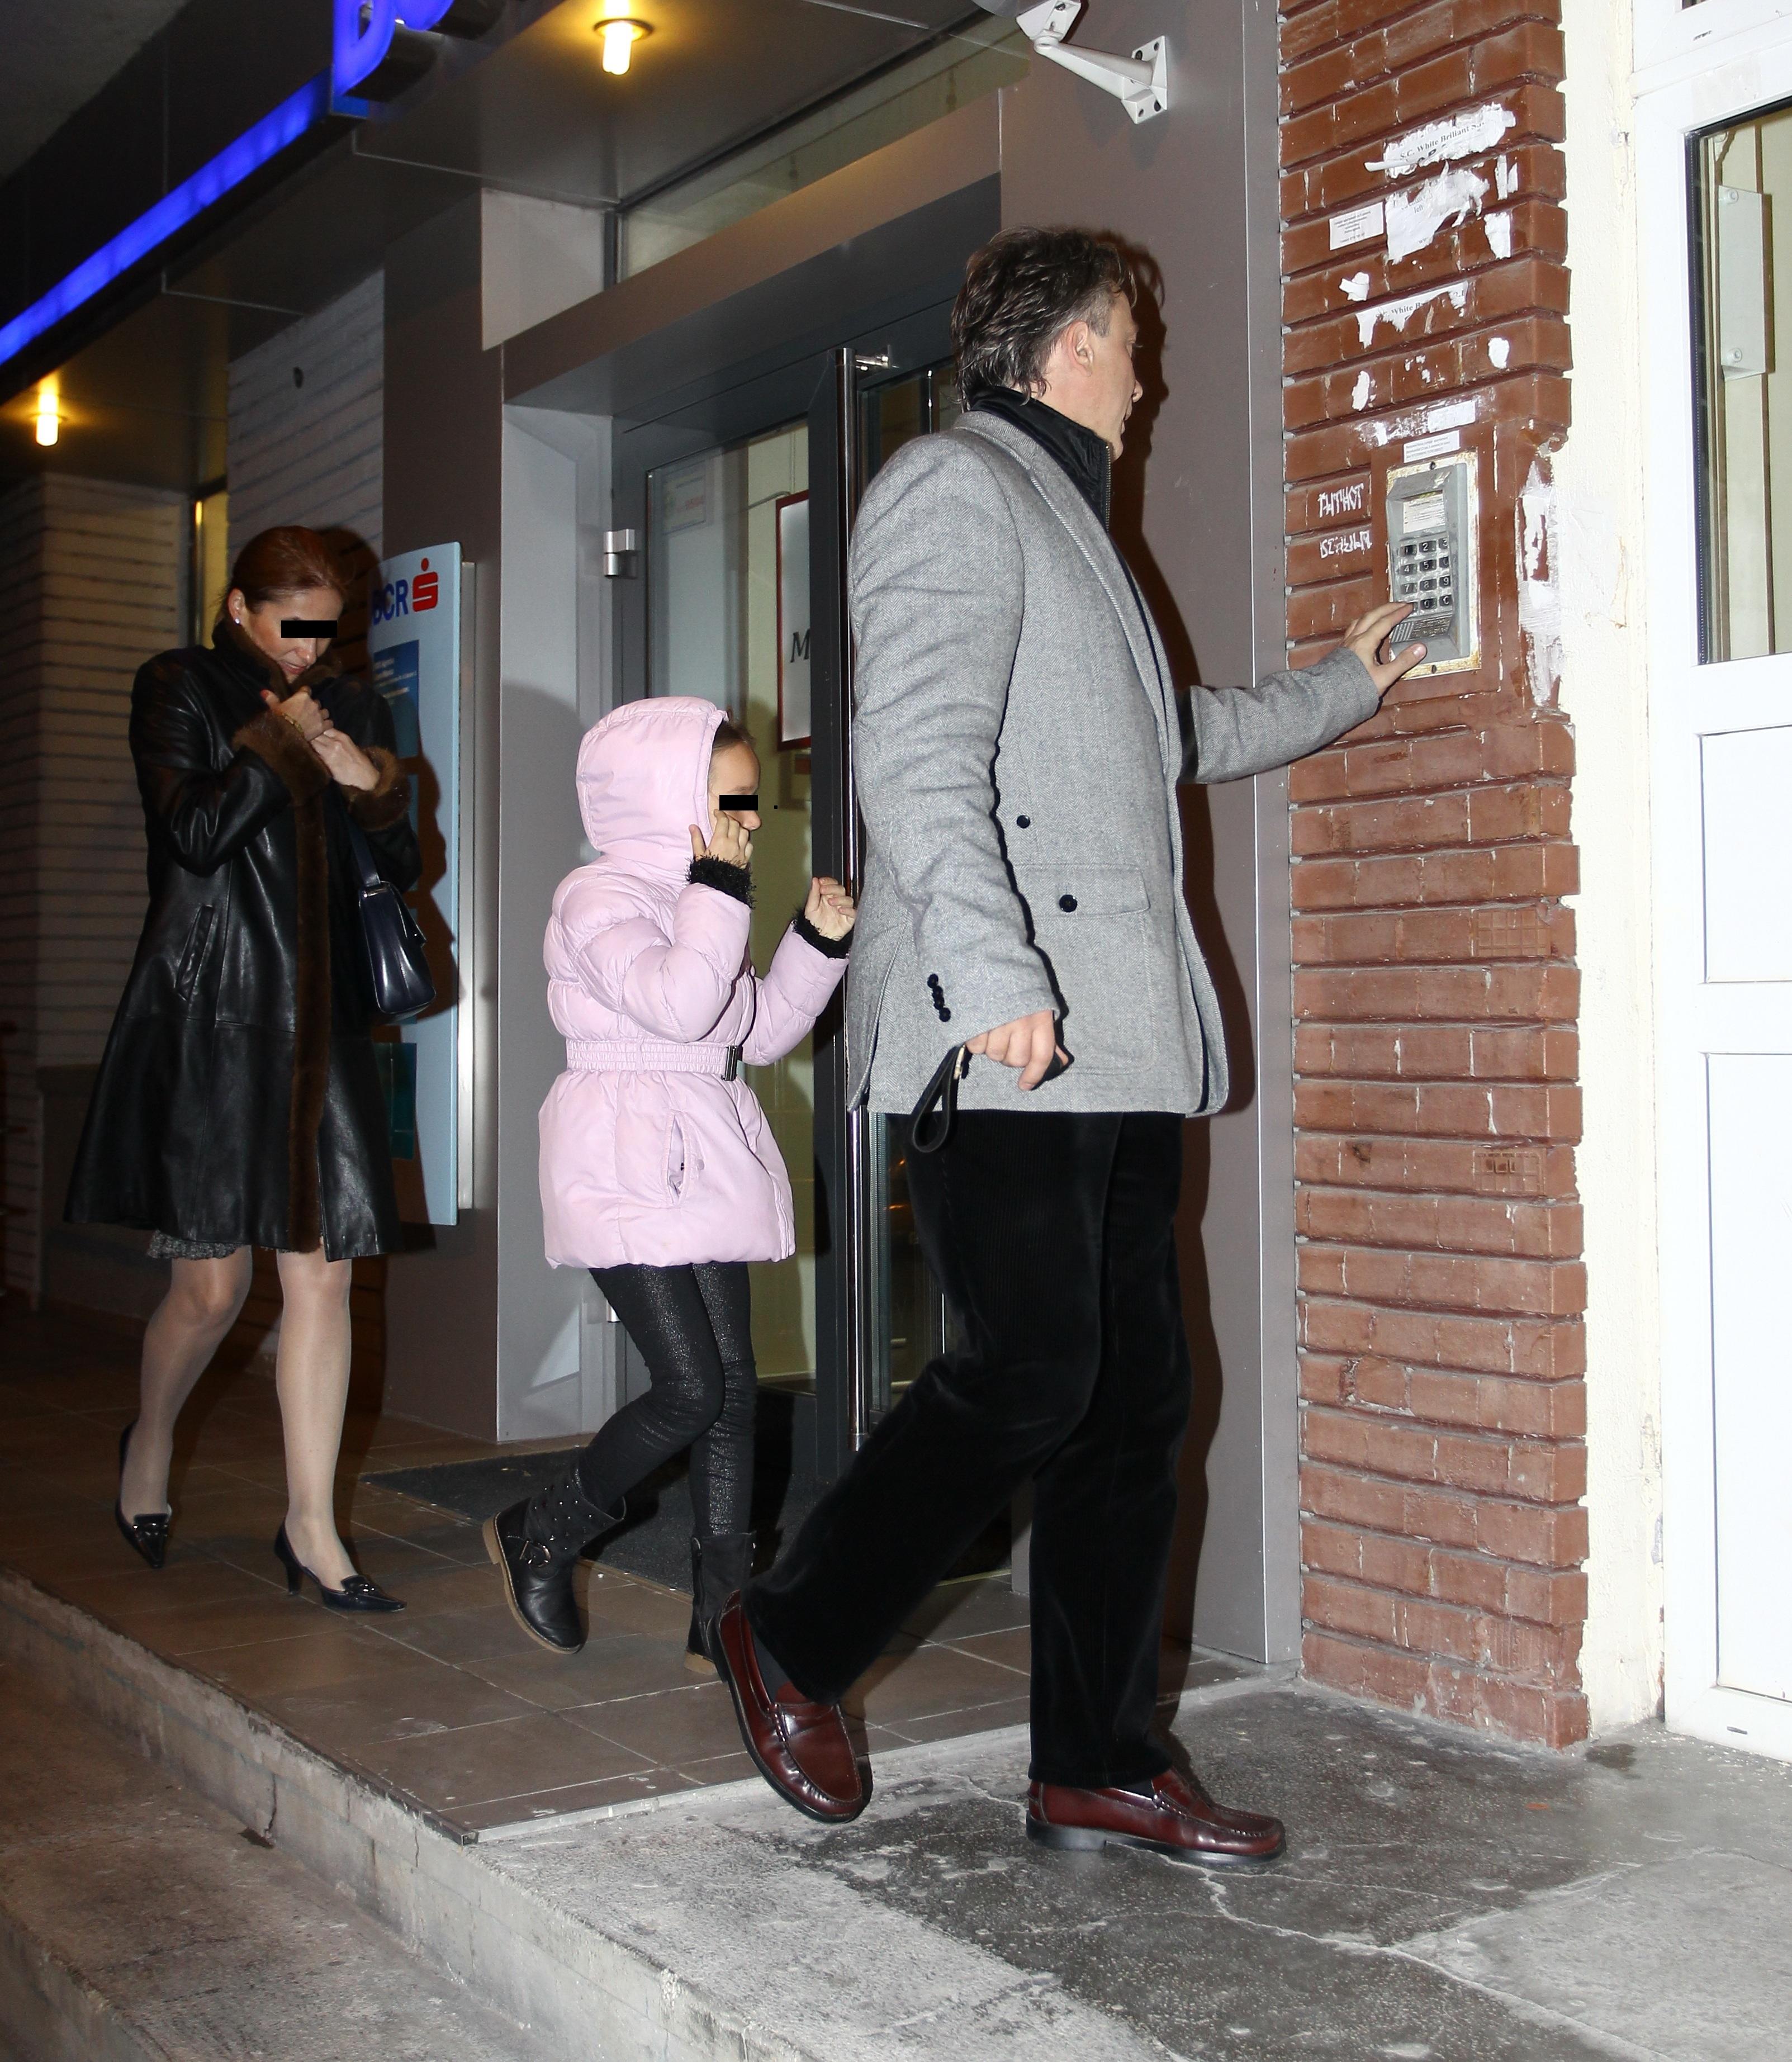 Fostul sot al Ralucai Moianu a inlocuit-o pe vedeta tv cu o alta femeie, pe care o cunoaste si fiica lui, Mara